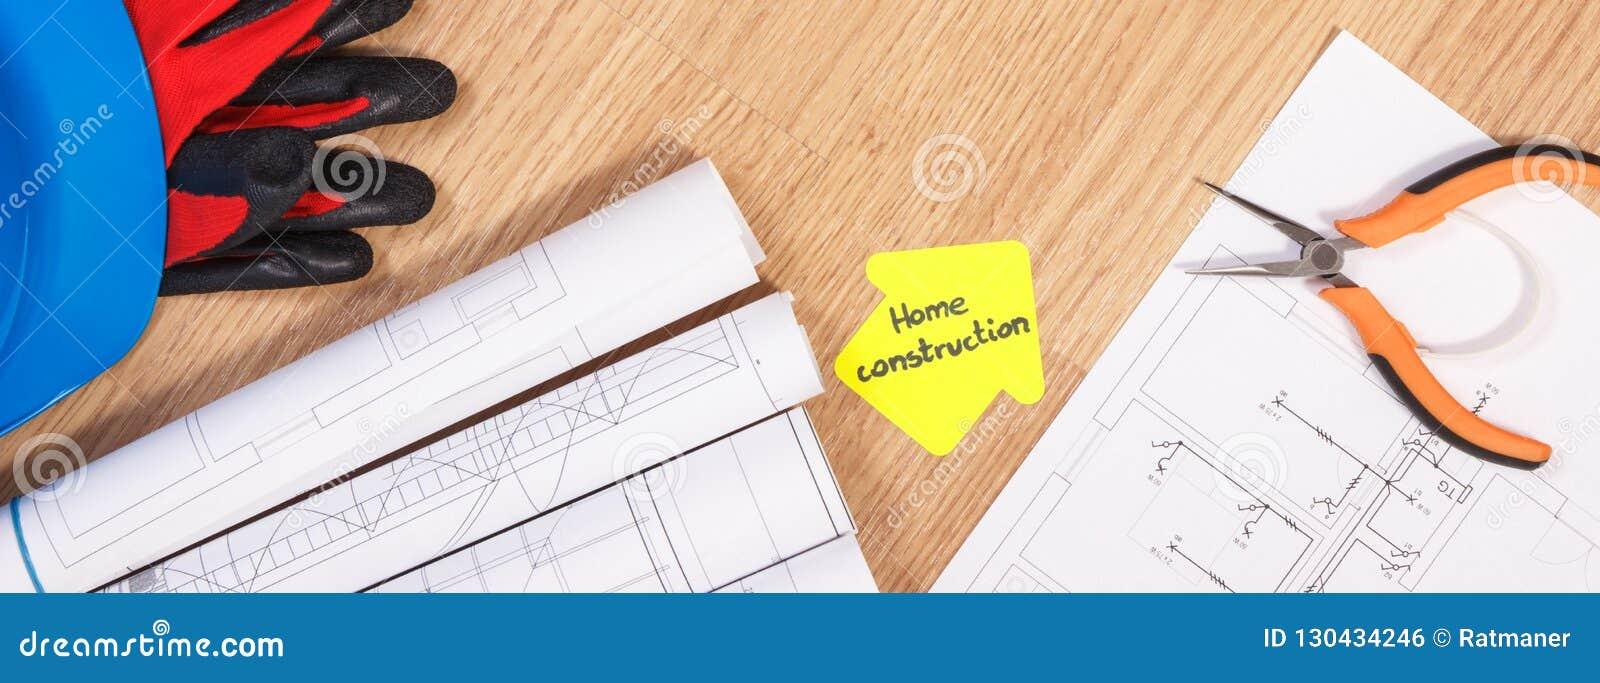 f3eefadbe86b2 Le casque bleu protecteur avec des gants, les pinces en métal, les  diagrammes ou le papier de dessin de construction et jaune électrique dans  la forme de la ...